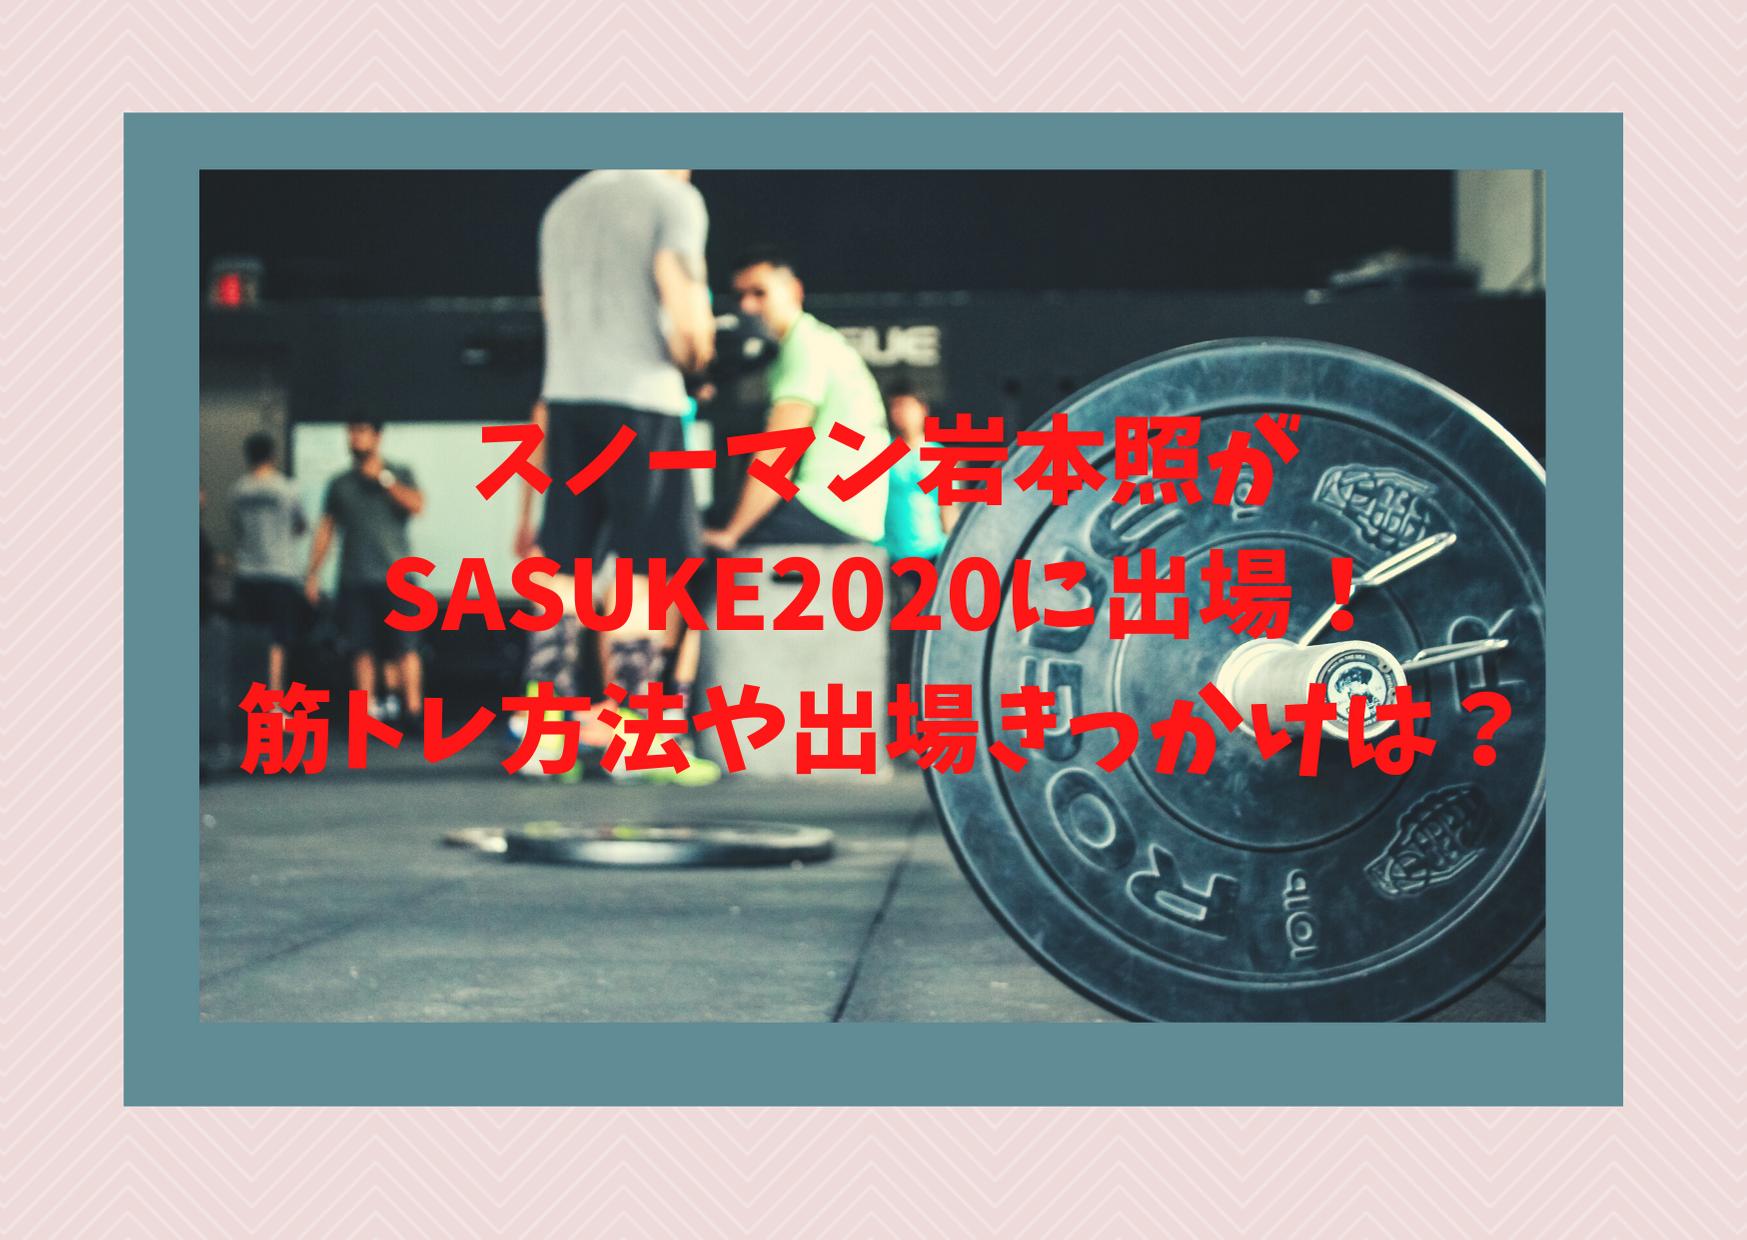 スノーマン岩本照がSASUKE2020に出場!筋トレ方法や出場きっかけは?